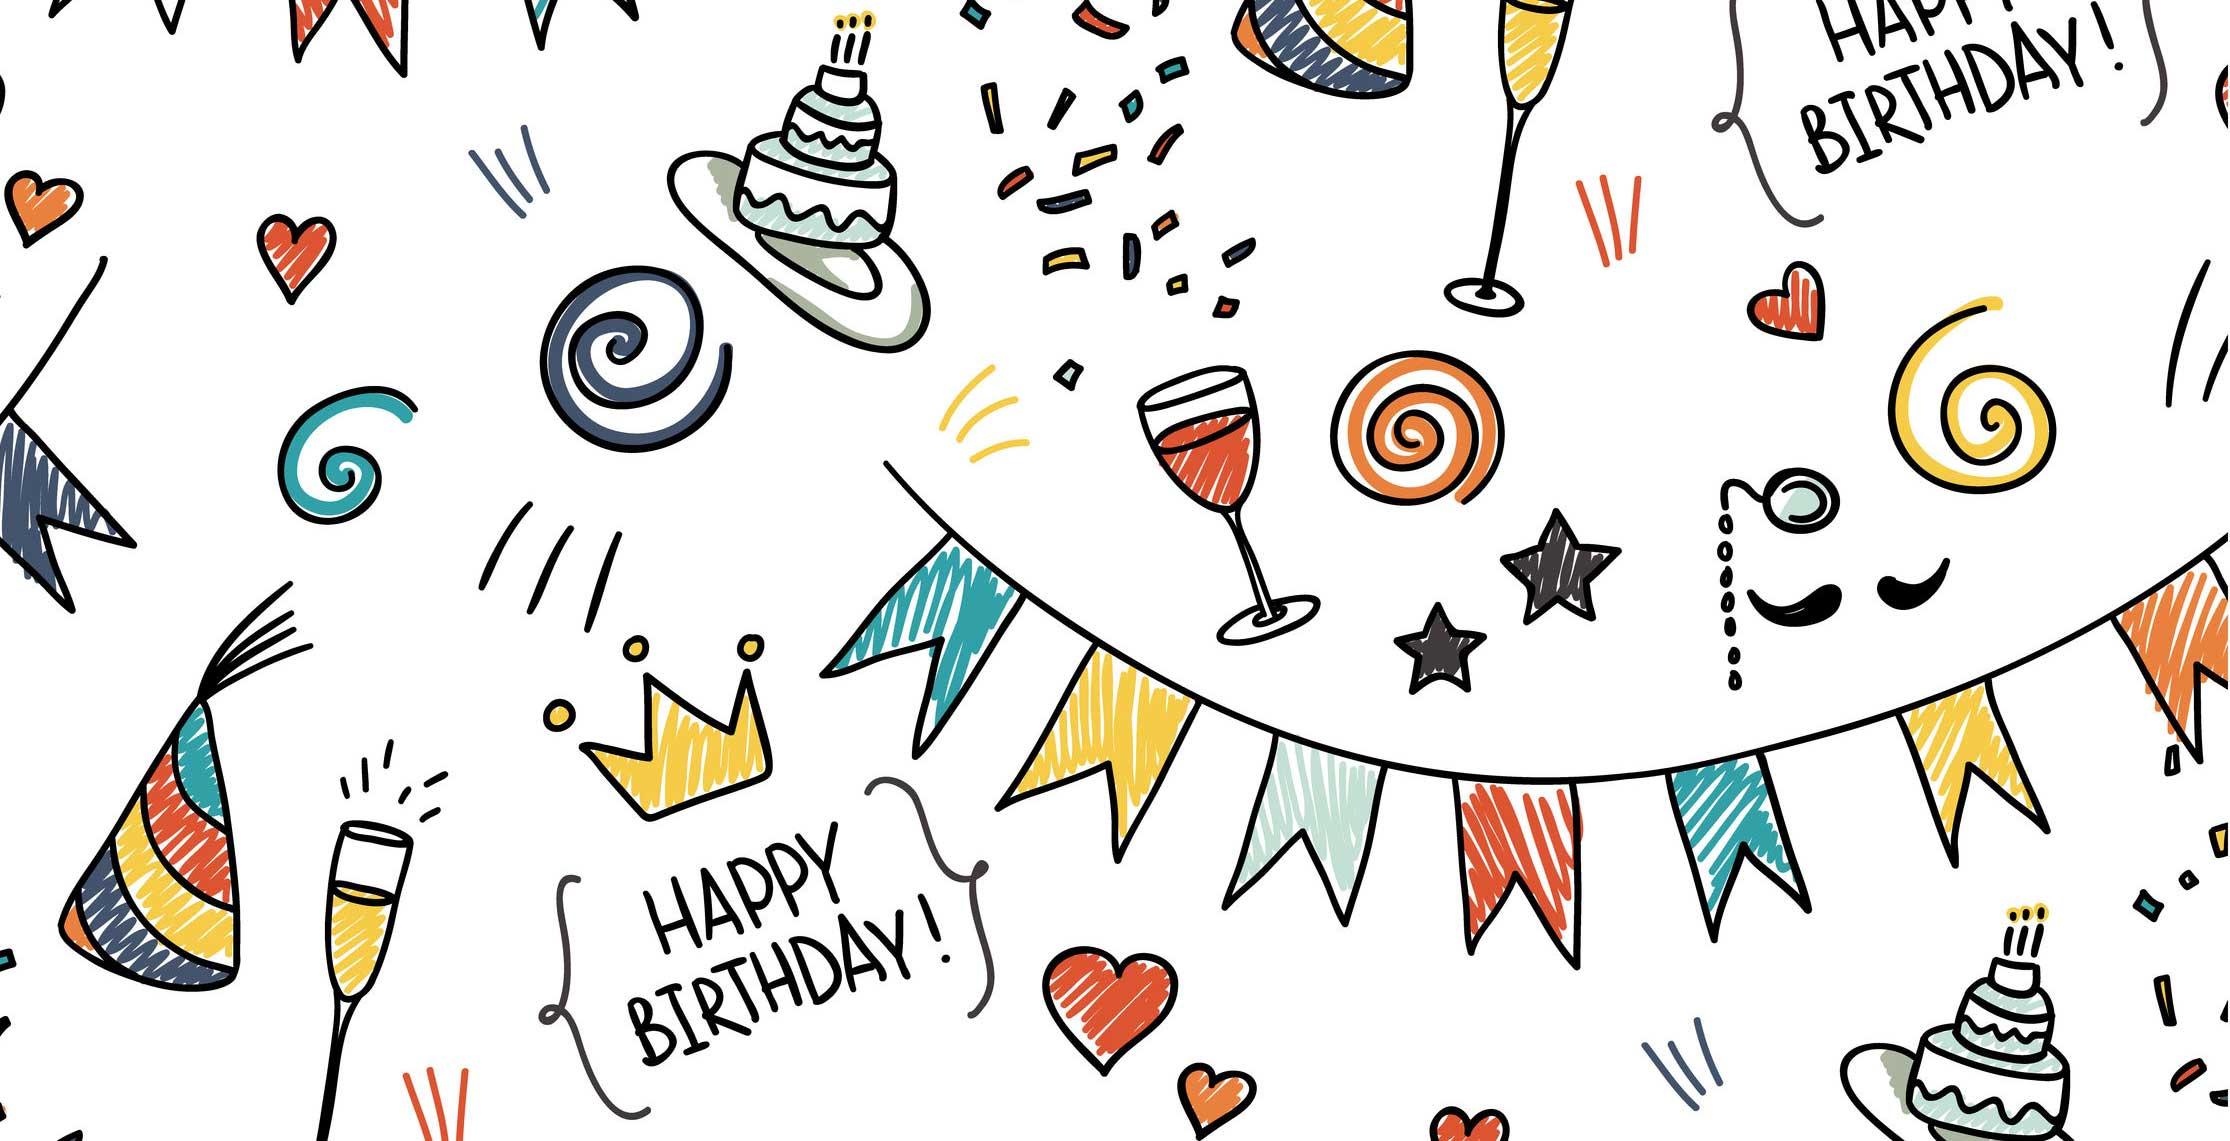 Мой, открытка с днем рождения хипстерская